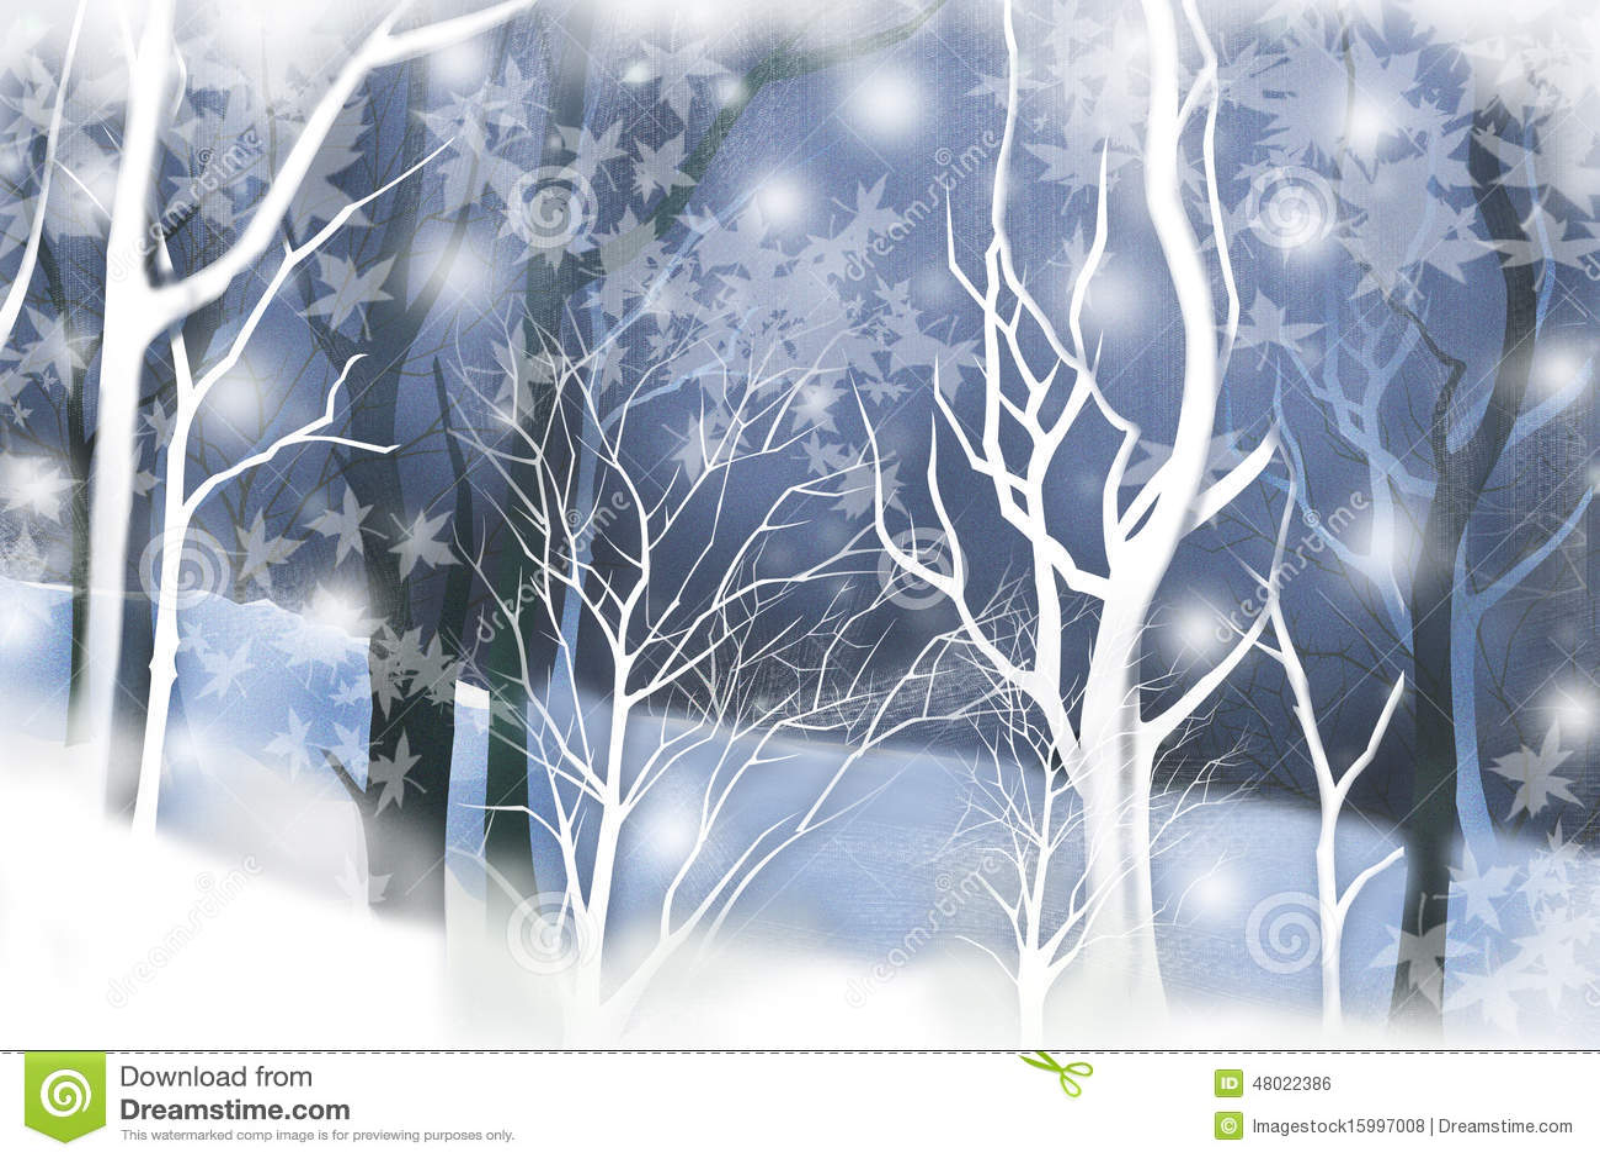 Paysage d hiver avec des bois tranquilles - texture graphique de